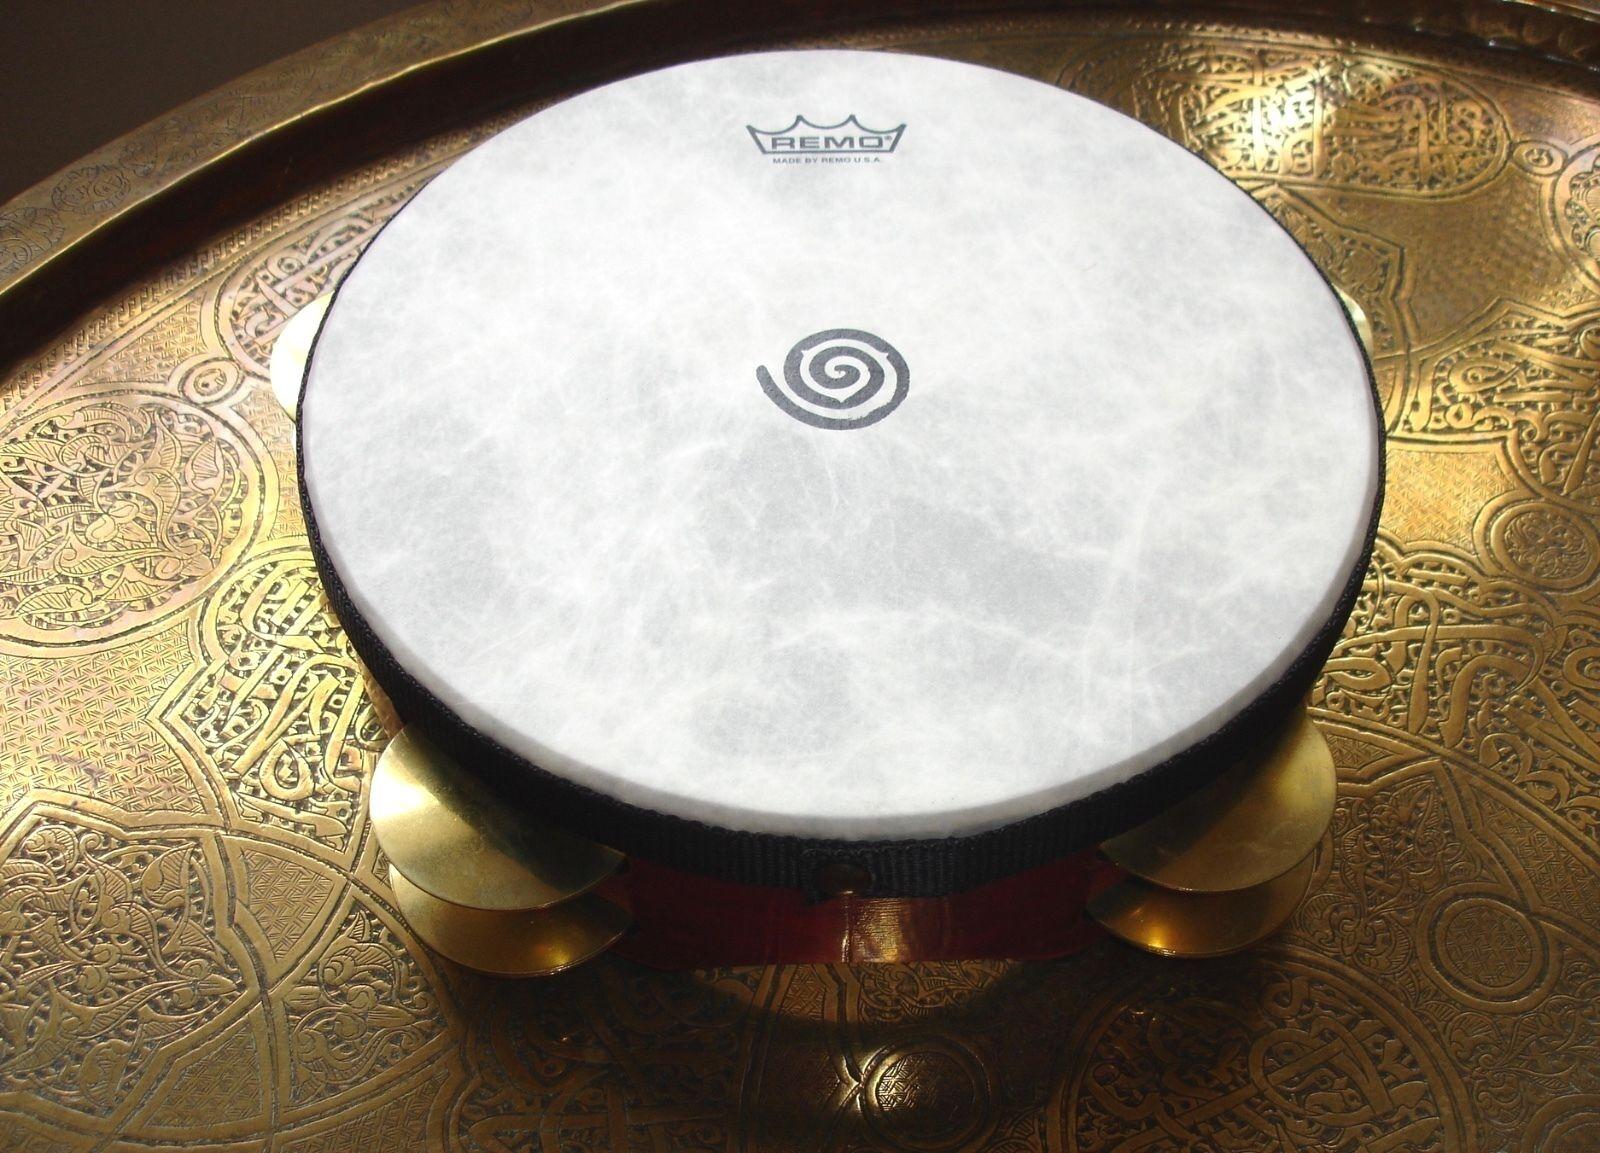 Remo Glen Velez riq req frame hand drum tambourine 3 x 9 ...